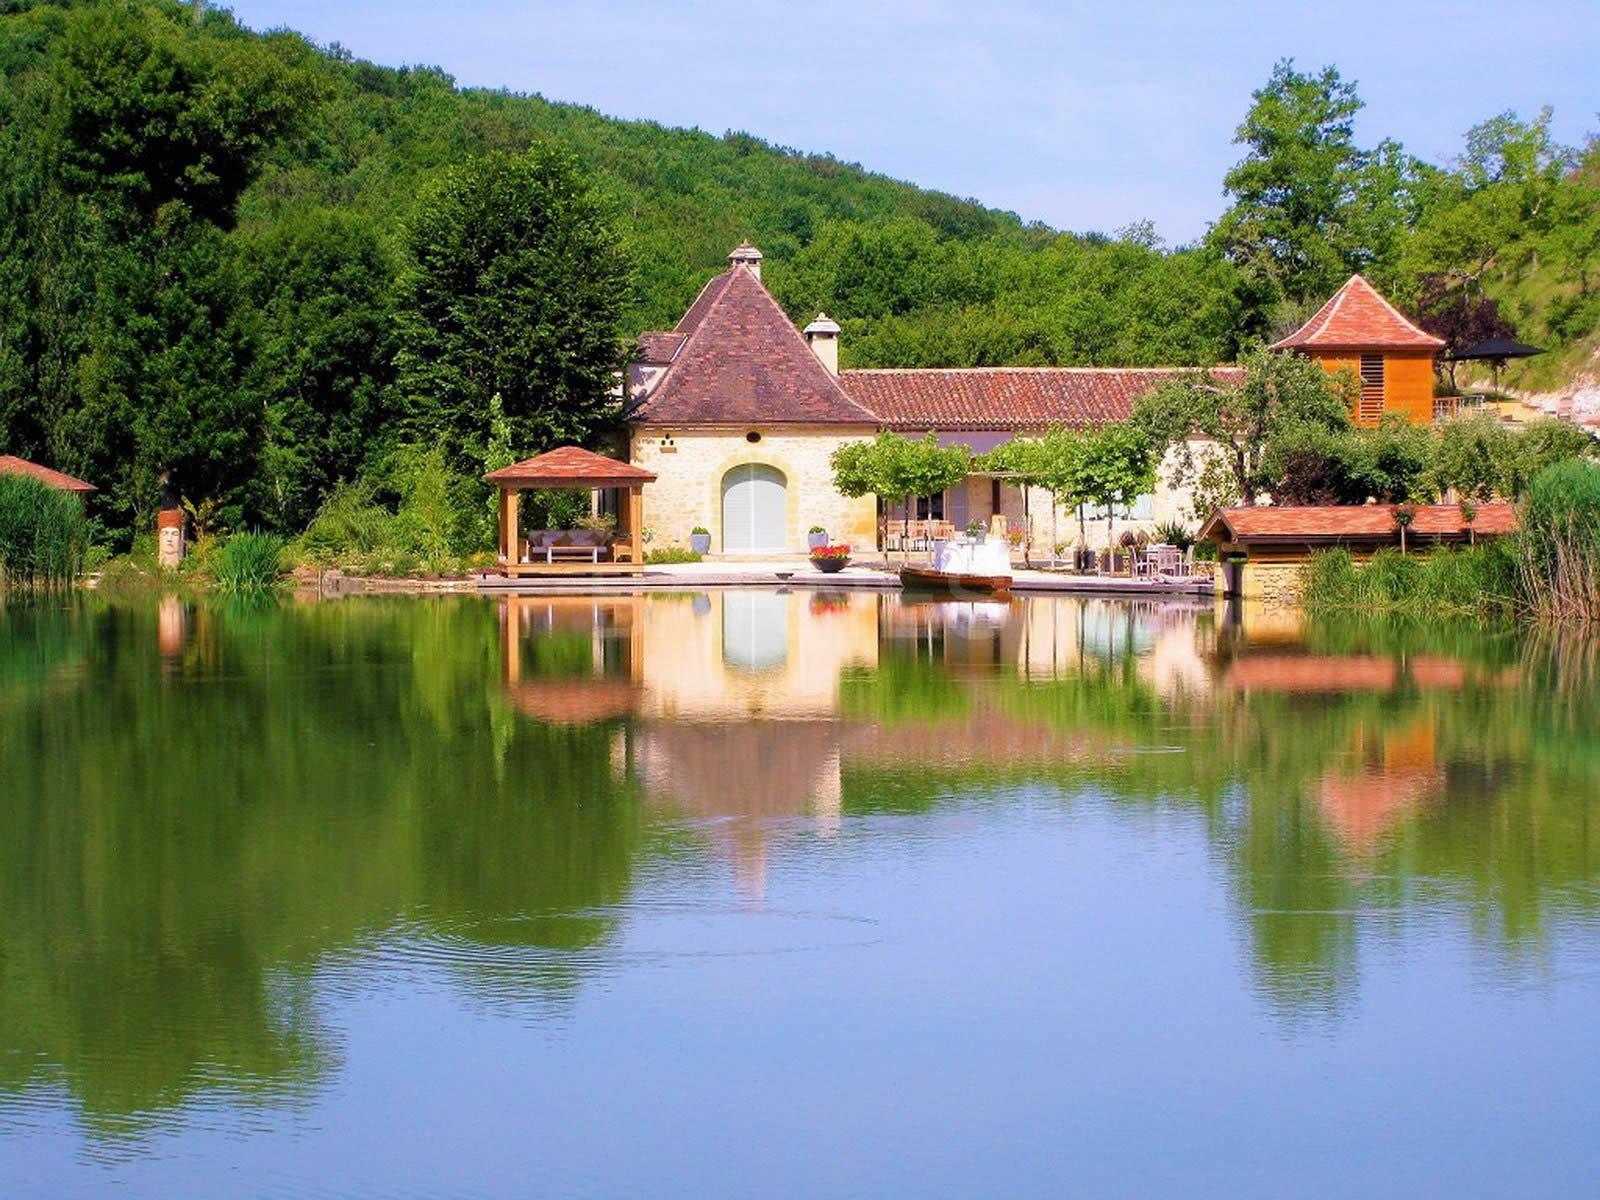 propriete-a-vendre-piscine-chauffee-atelier-abri-bateau